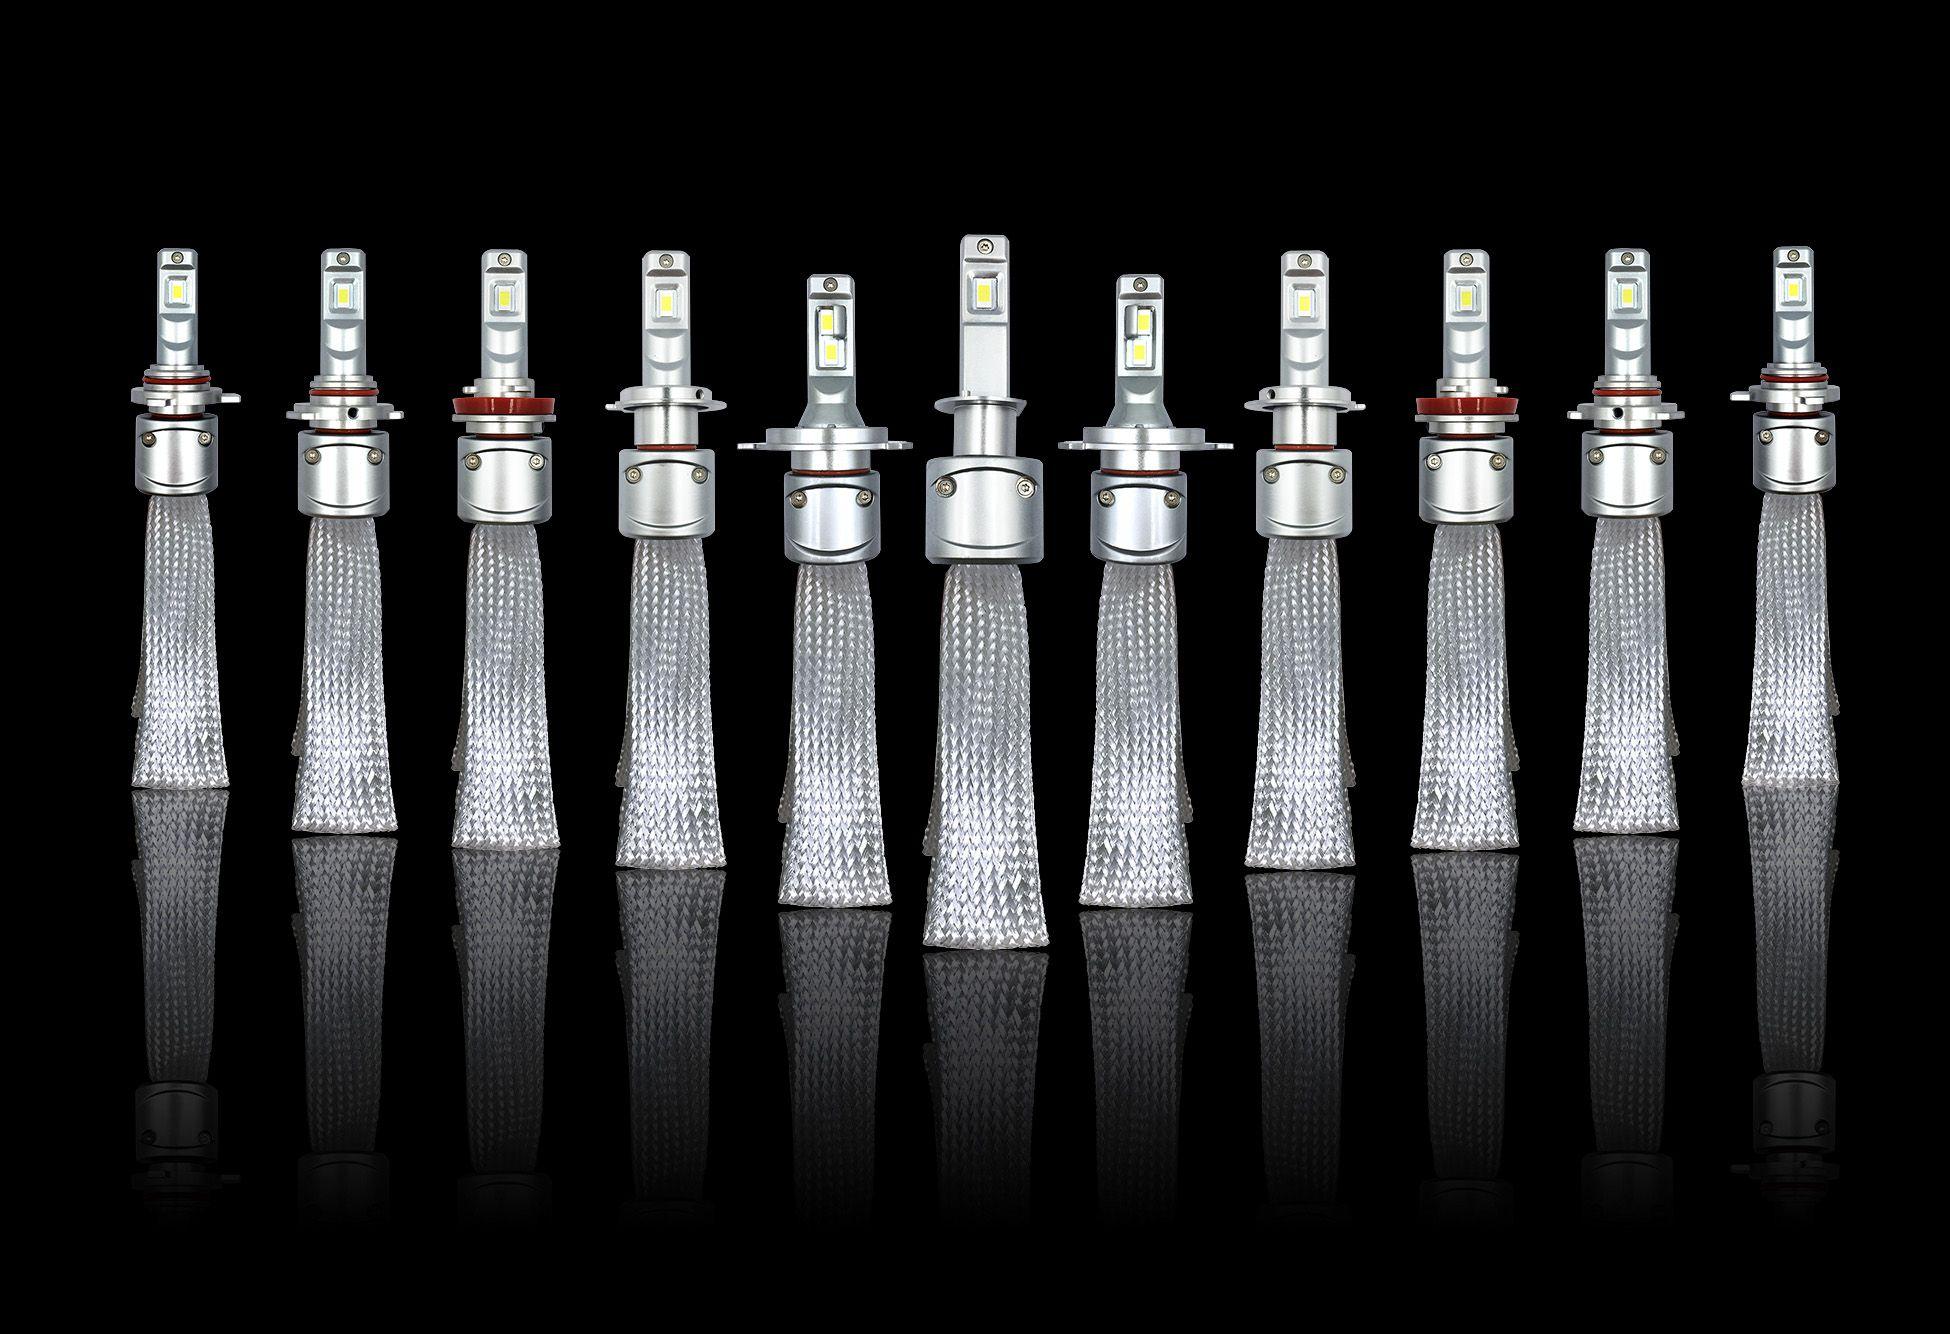 Led H7 Lampen : Fabrik led scheinwerfer widerstand gebaut in auto licht voraus